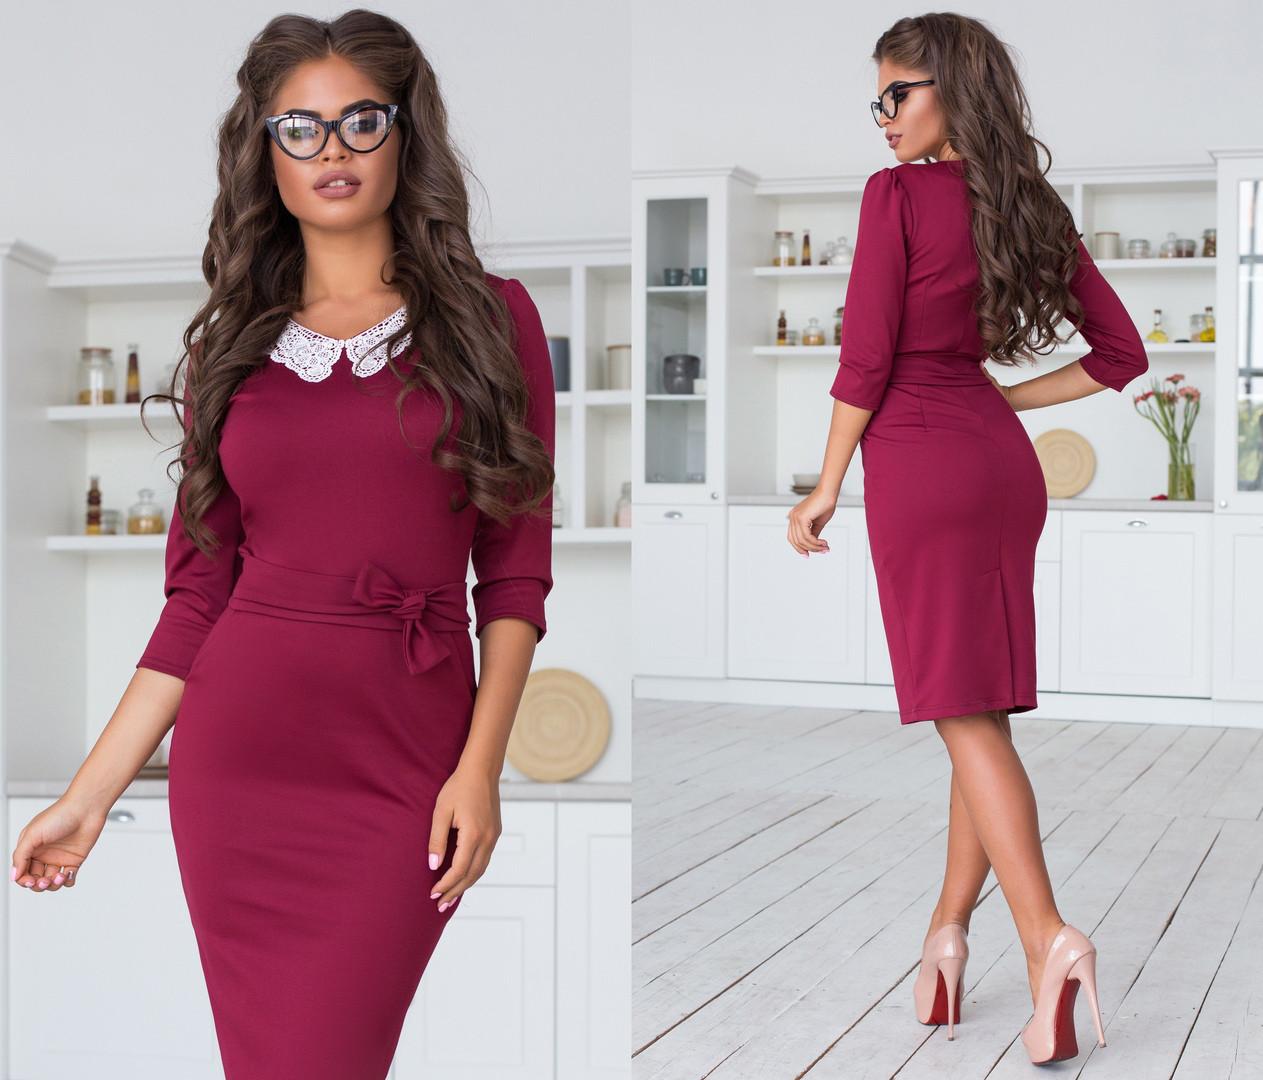 Женское трикотажное облегающее платье-миди с кружевным воротником. Размеры : 42, 44, 46.  +Цвета